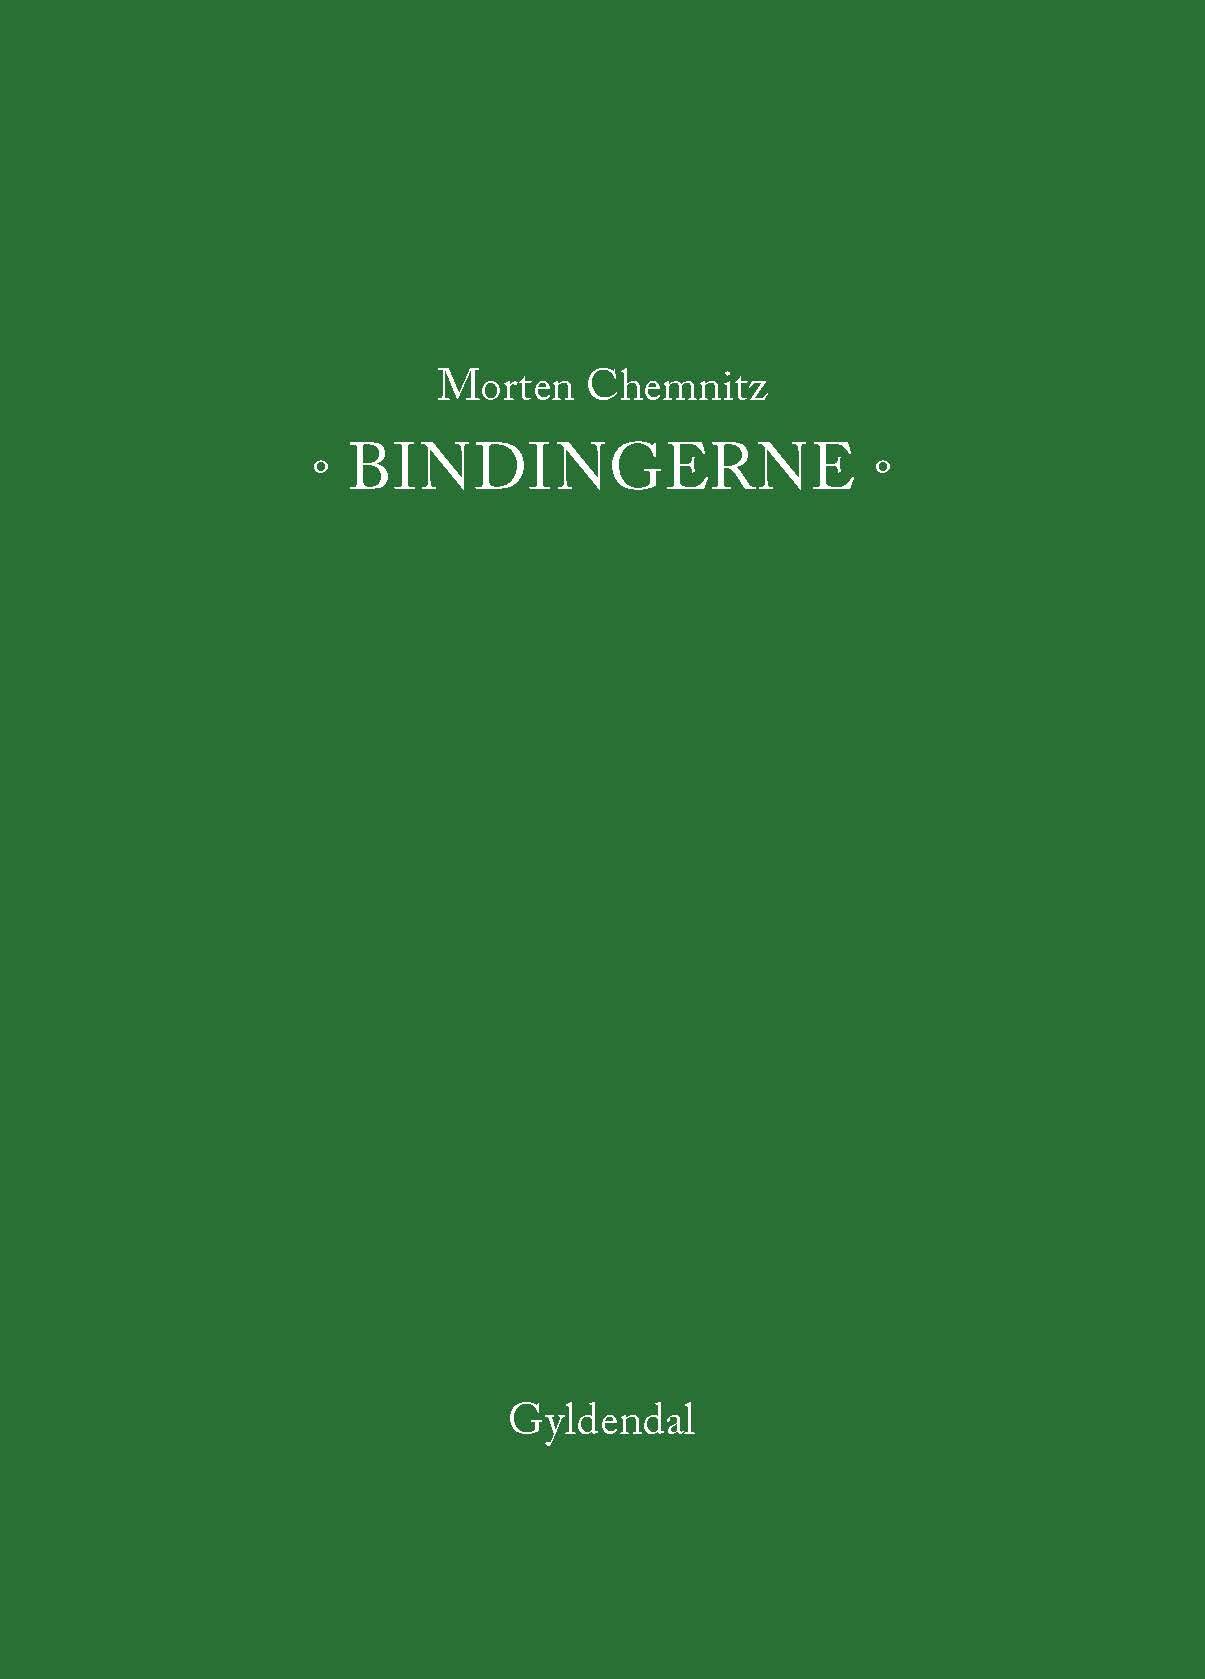 1 Chemnitz BINDINGERNE